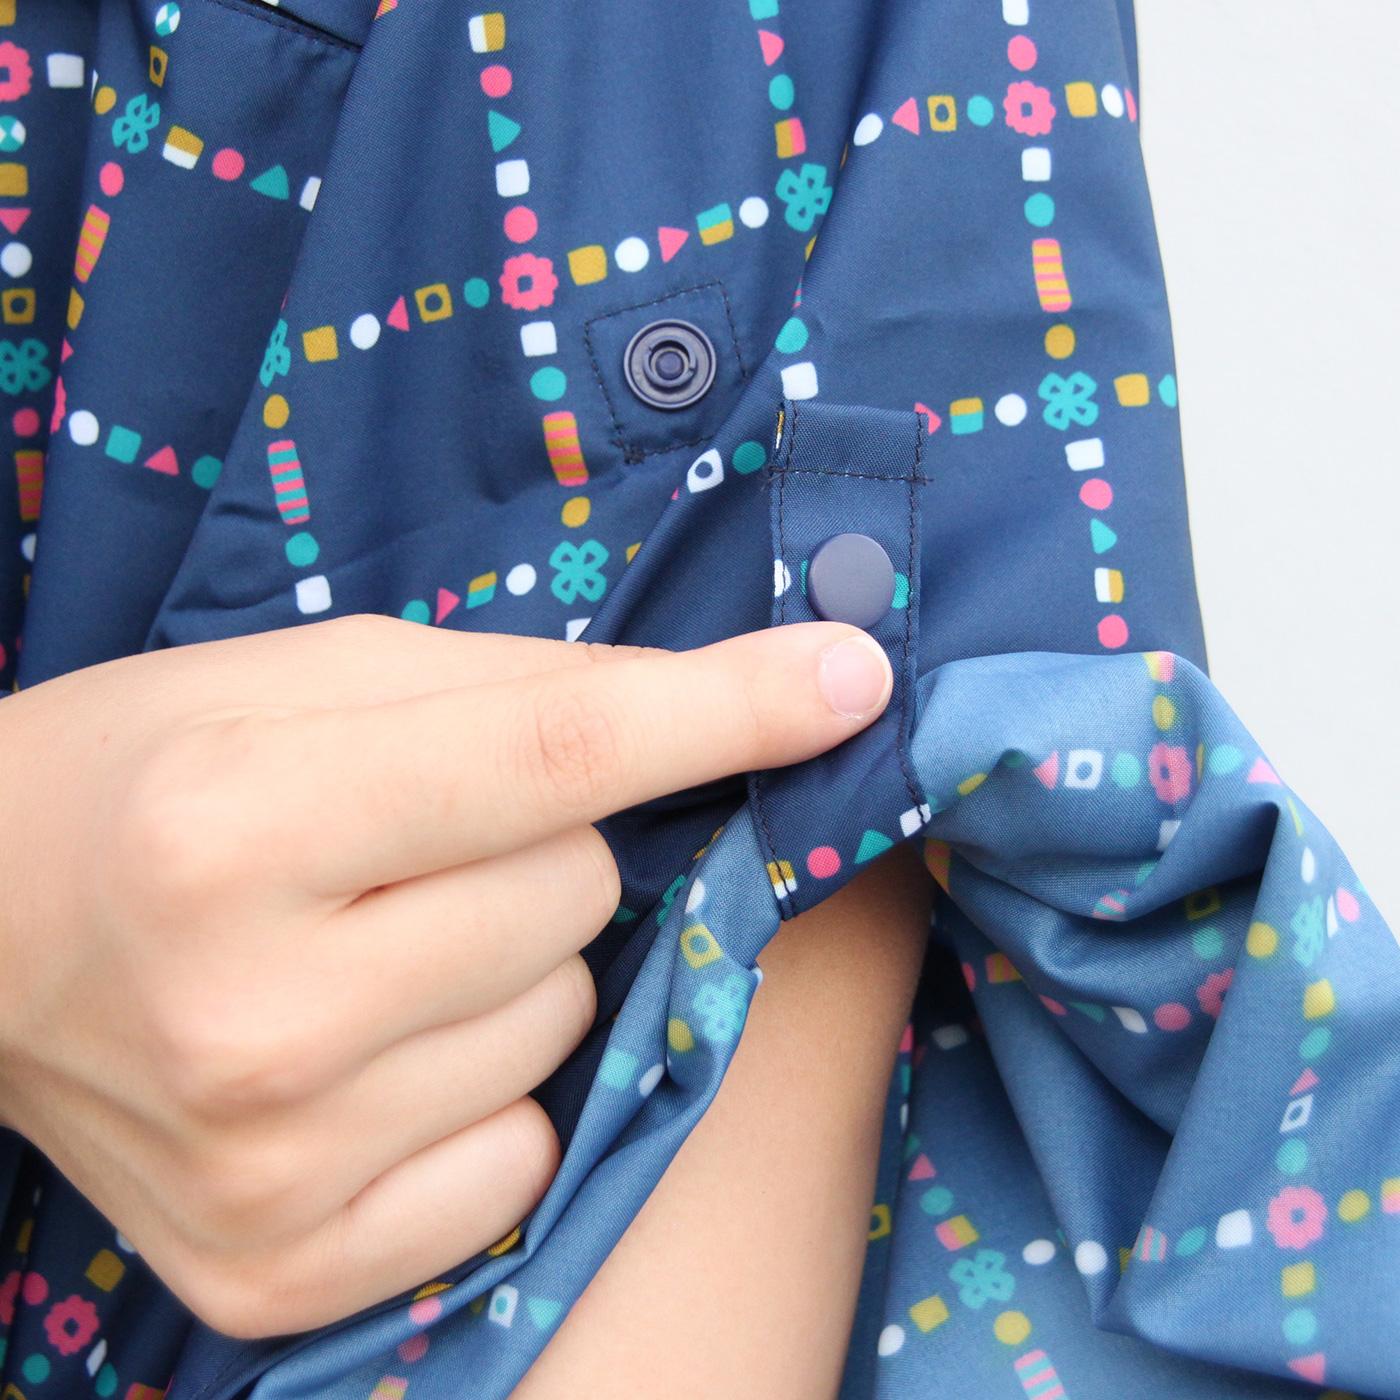 くるくる腕まくりをしていくと、ボタンが出てきます。この腕部分のボタンに留めると、雨でも様々な作業がしやすくなります。